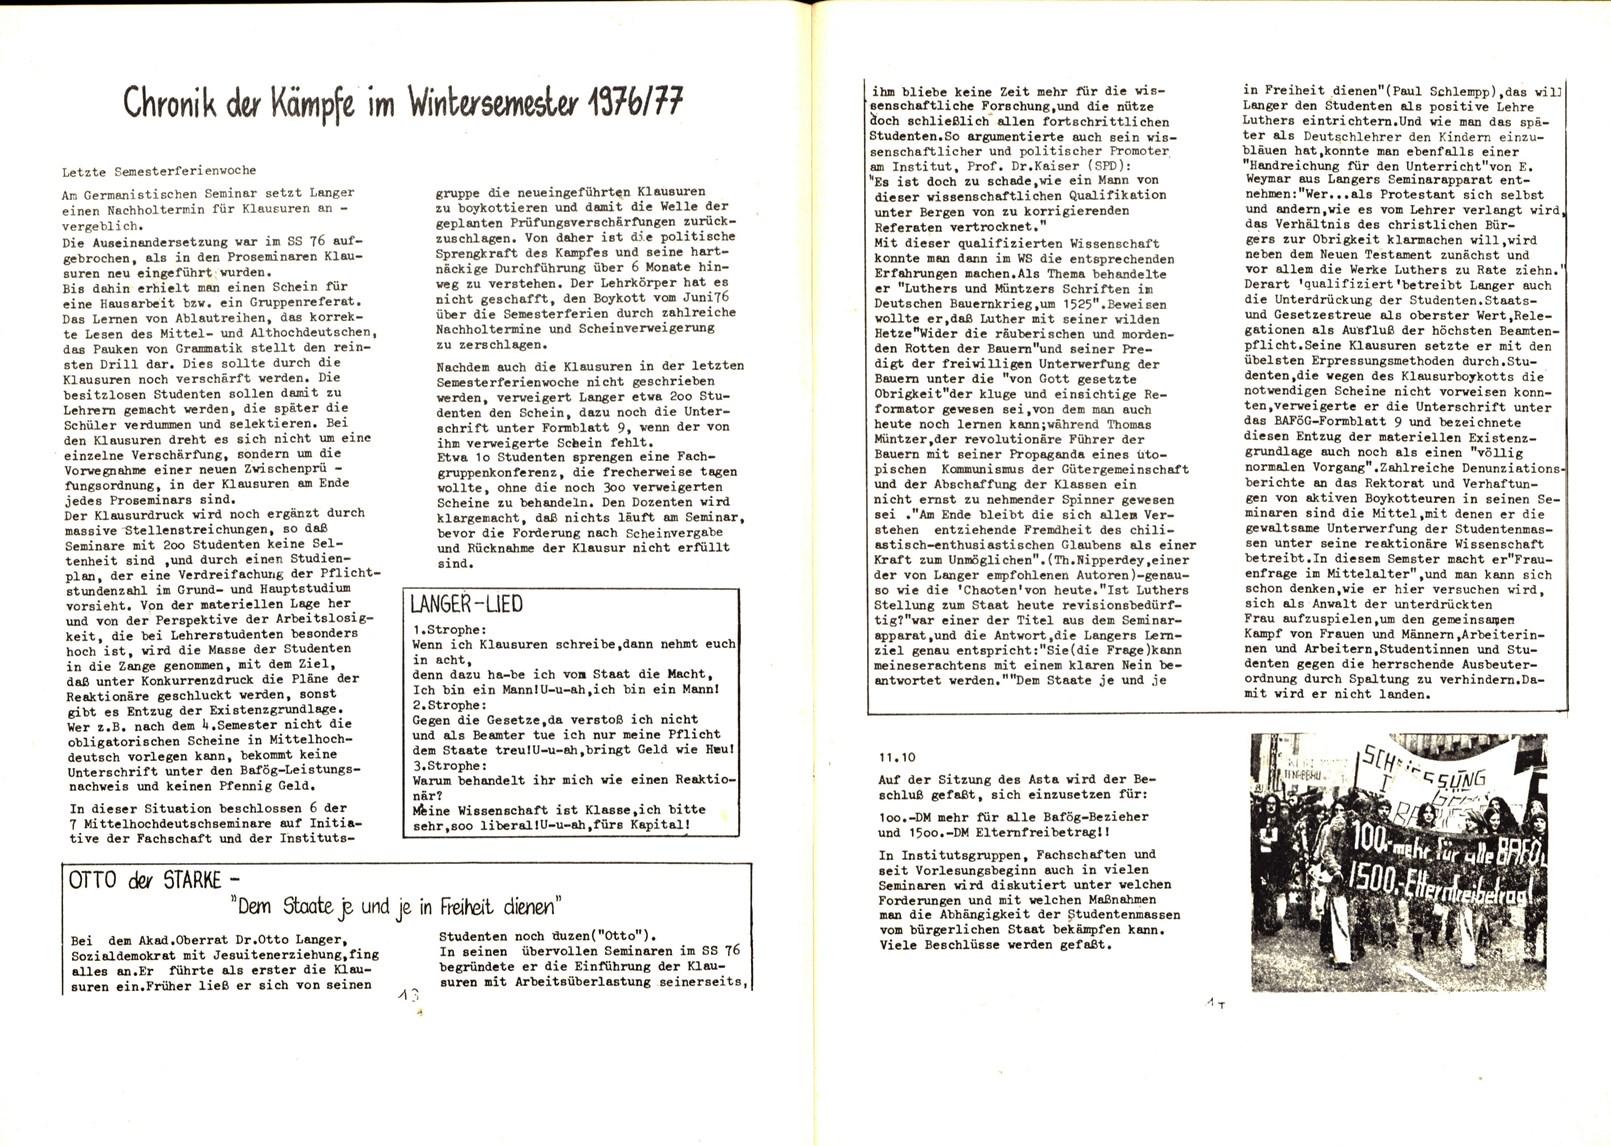 Heidelberg_KHG_1977_Chronik_WS_1976_77_08